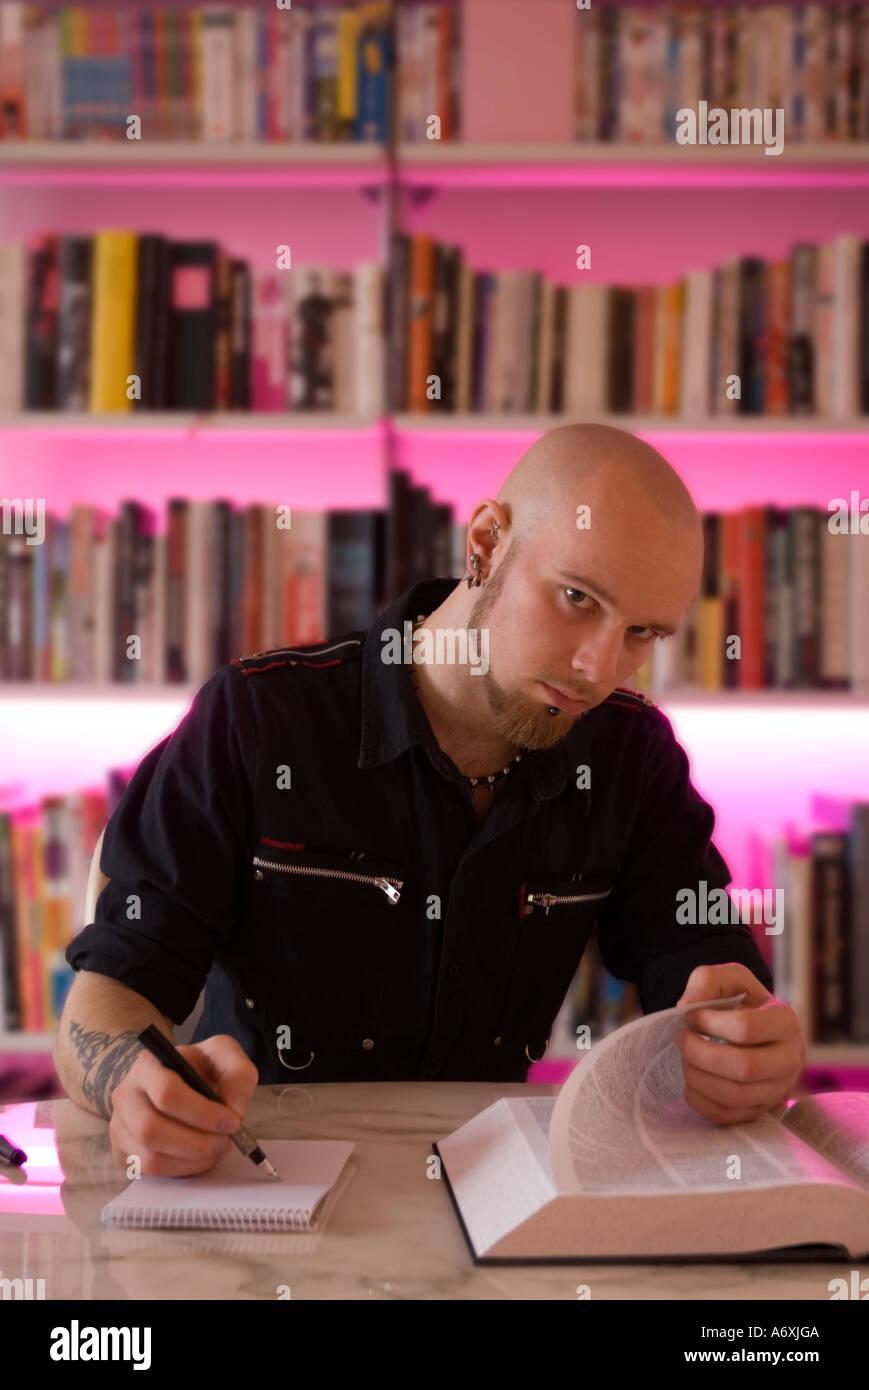 Punk boy studying - Stock Image